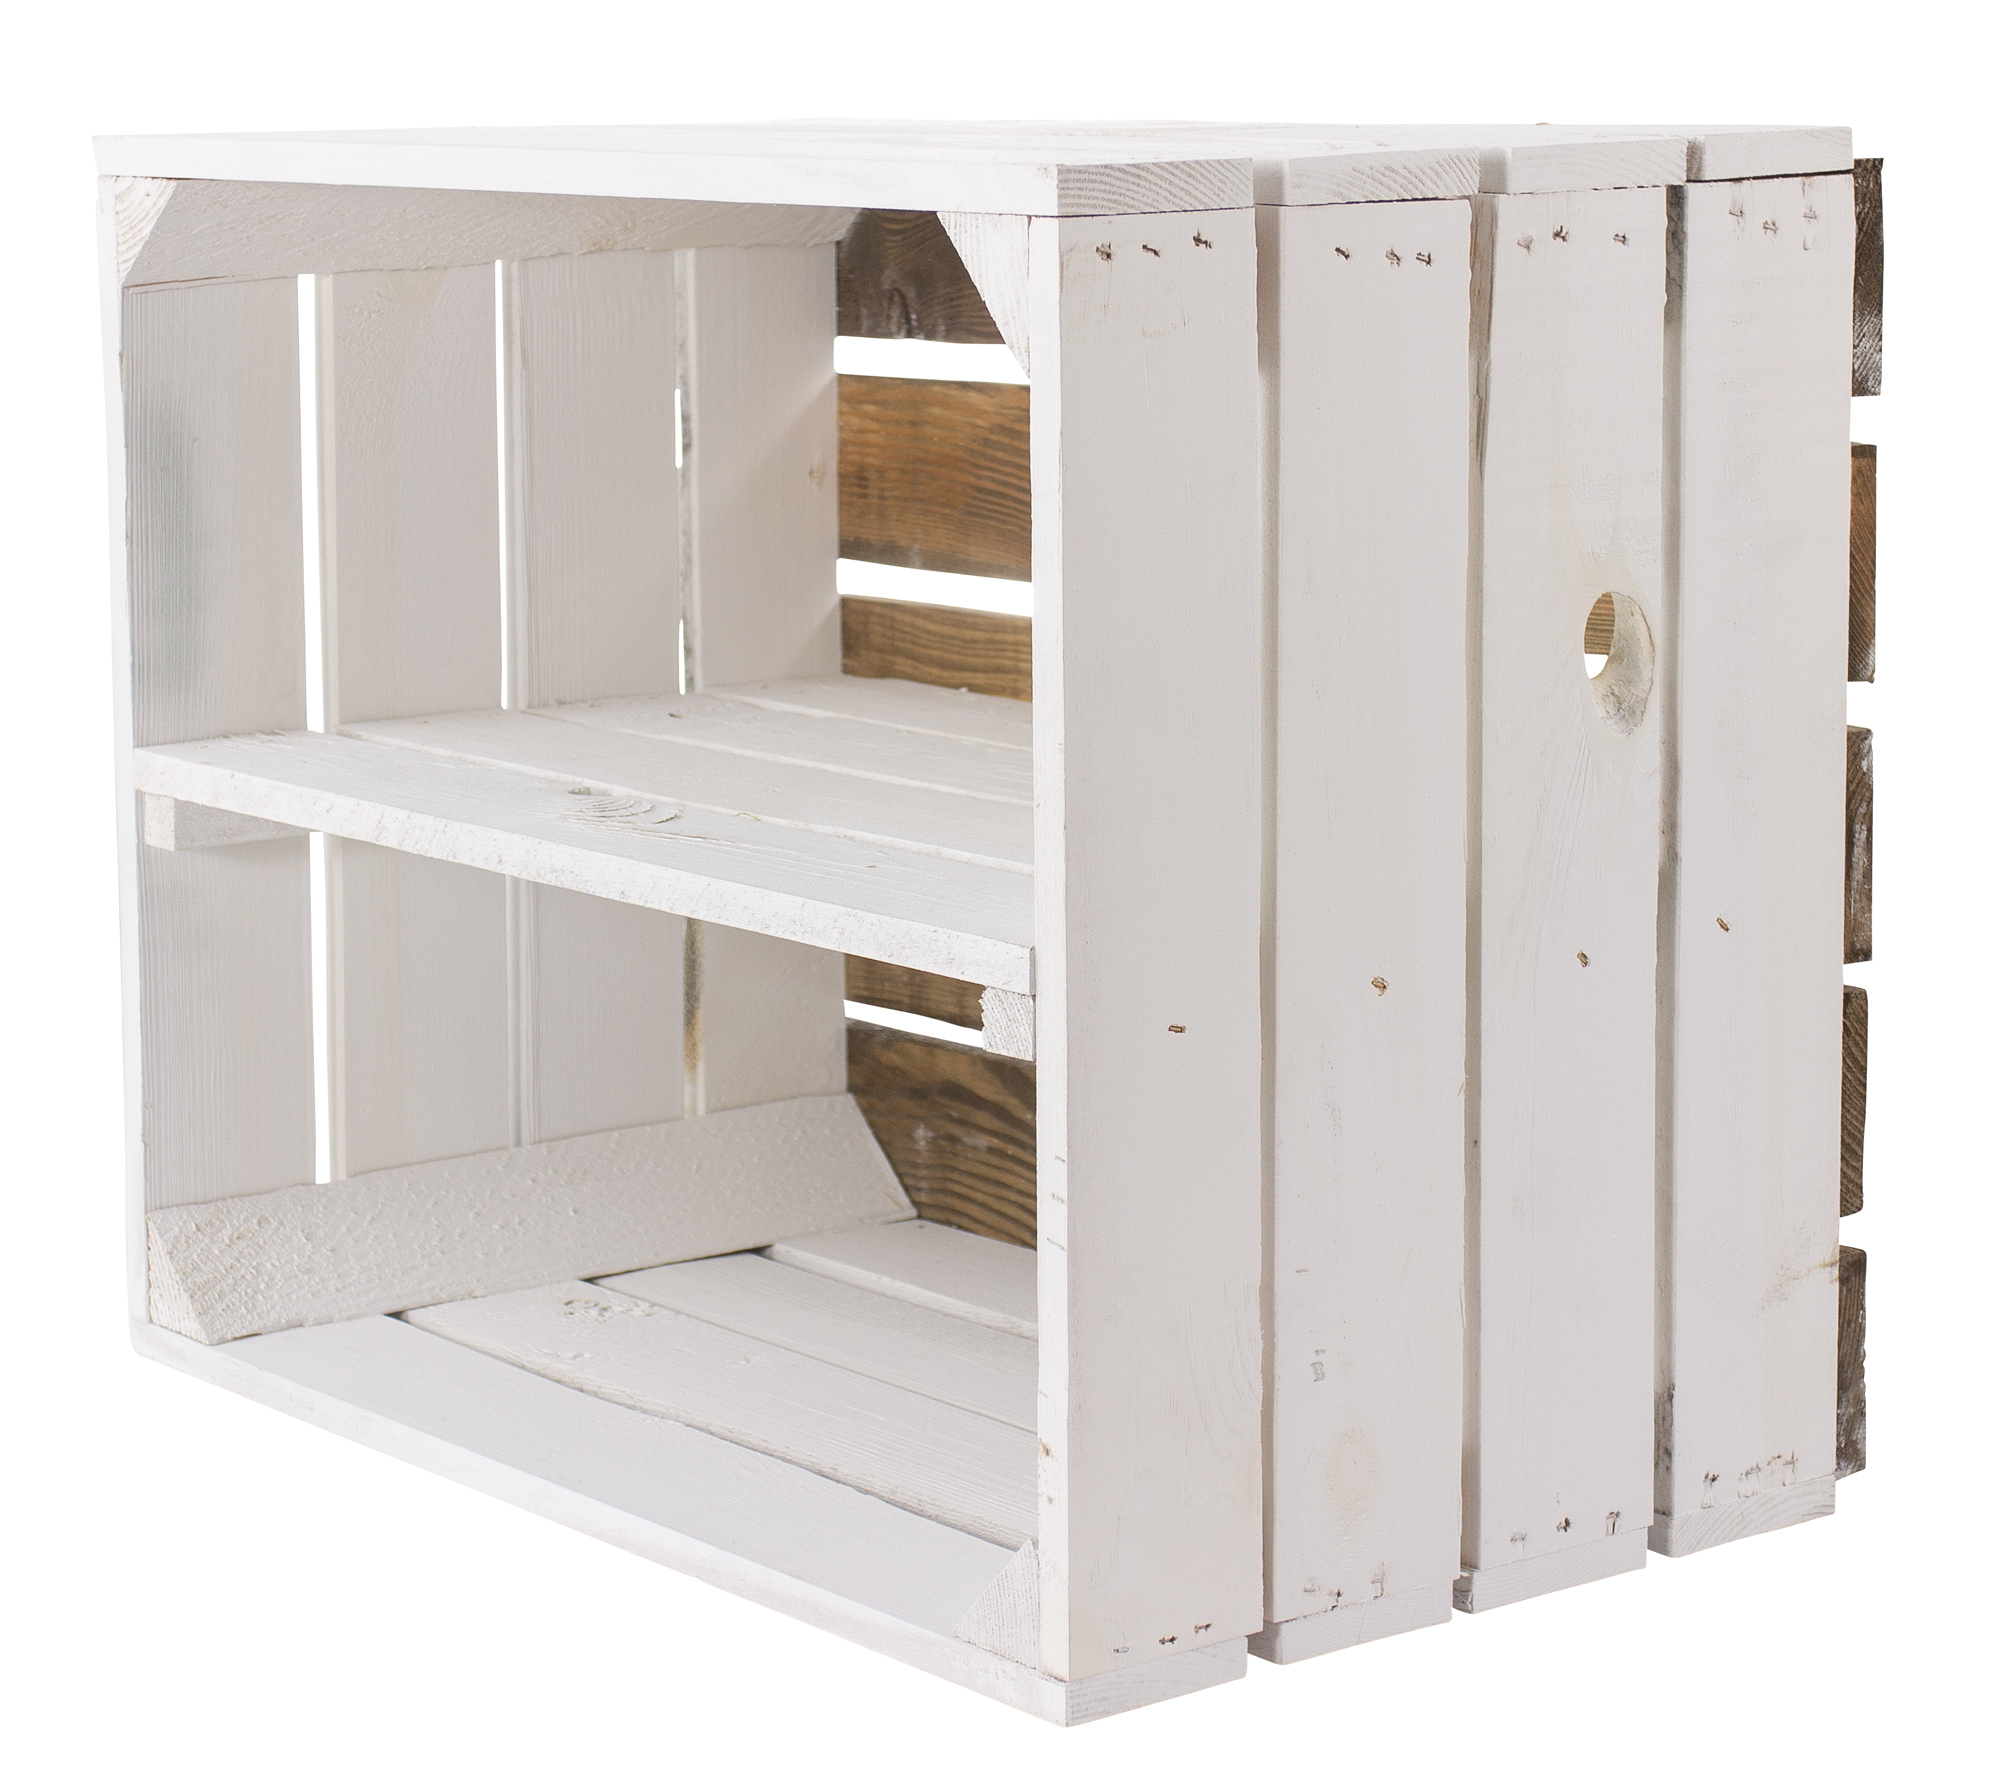 12x Weißes Regal - Apfelkiste Weißer Boden 50x40x30cm